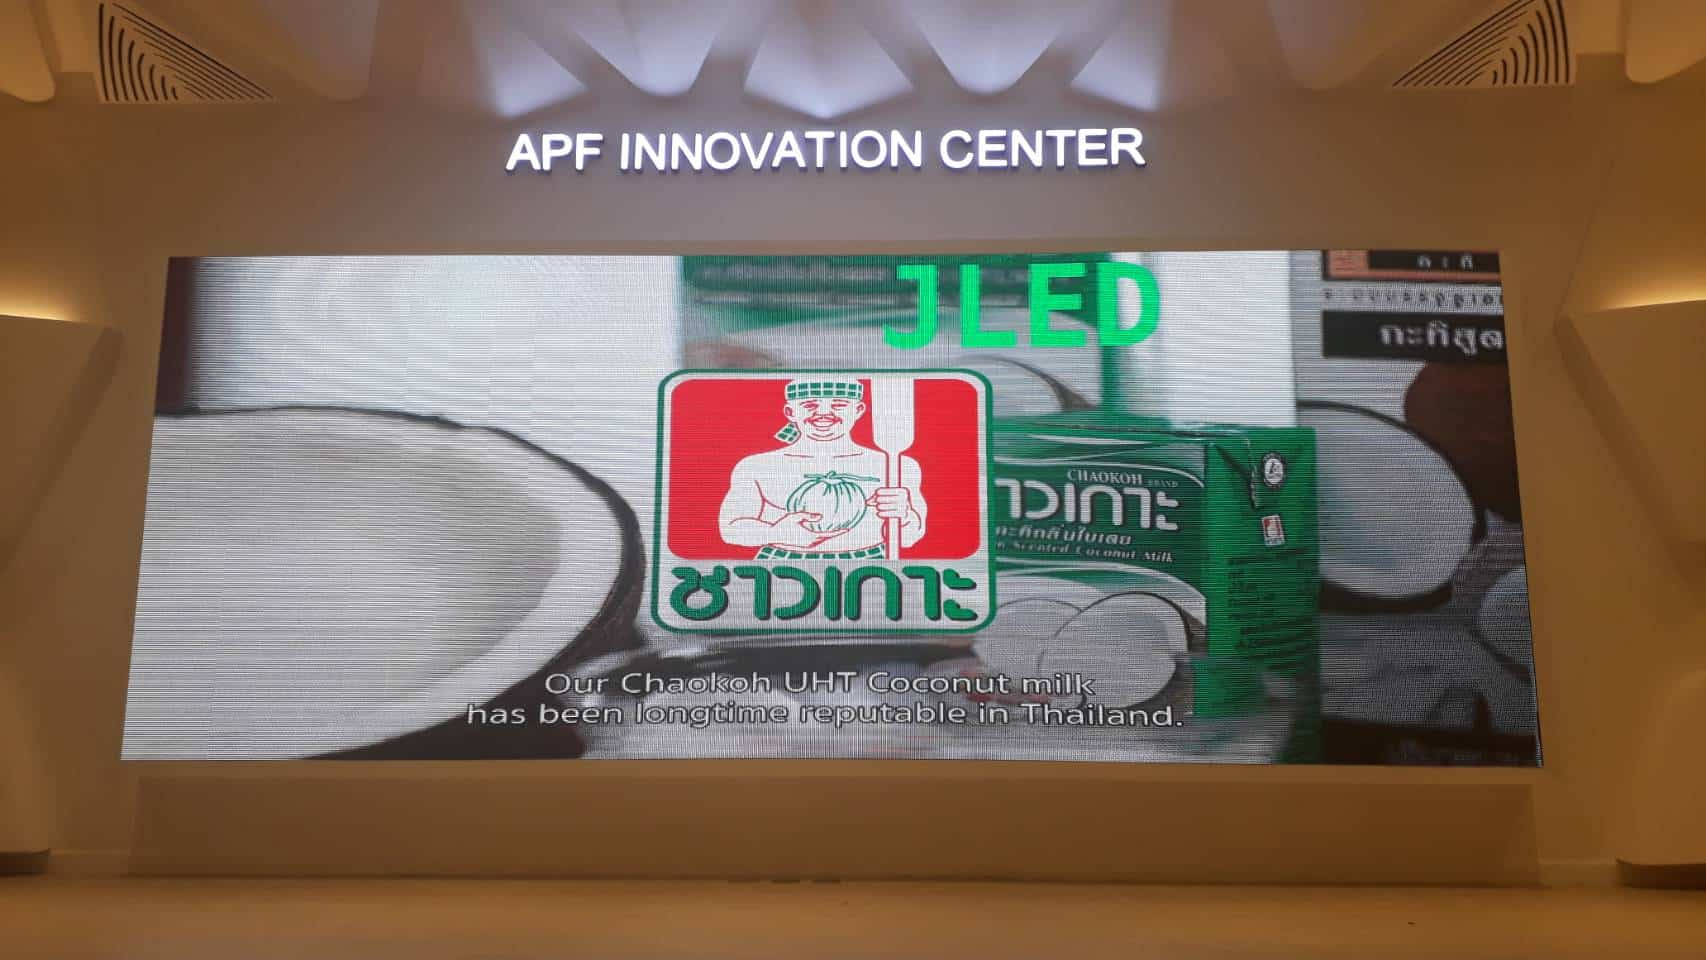 จอled display indoor apf innovation center jled 05